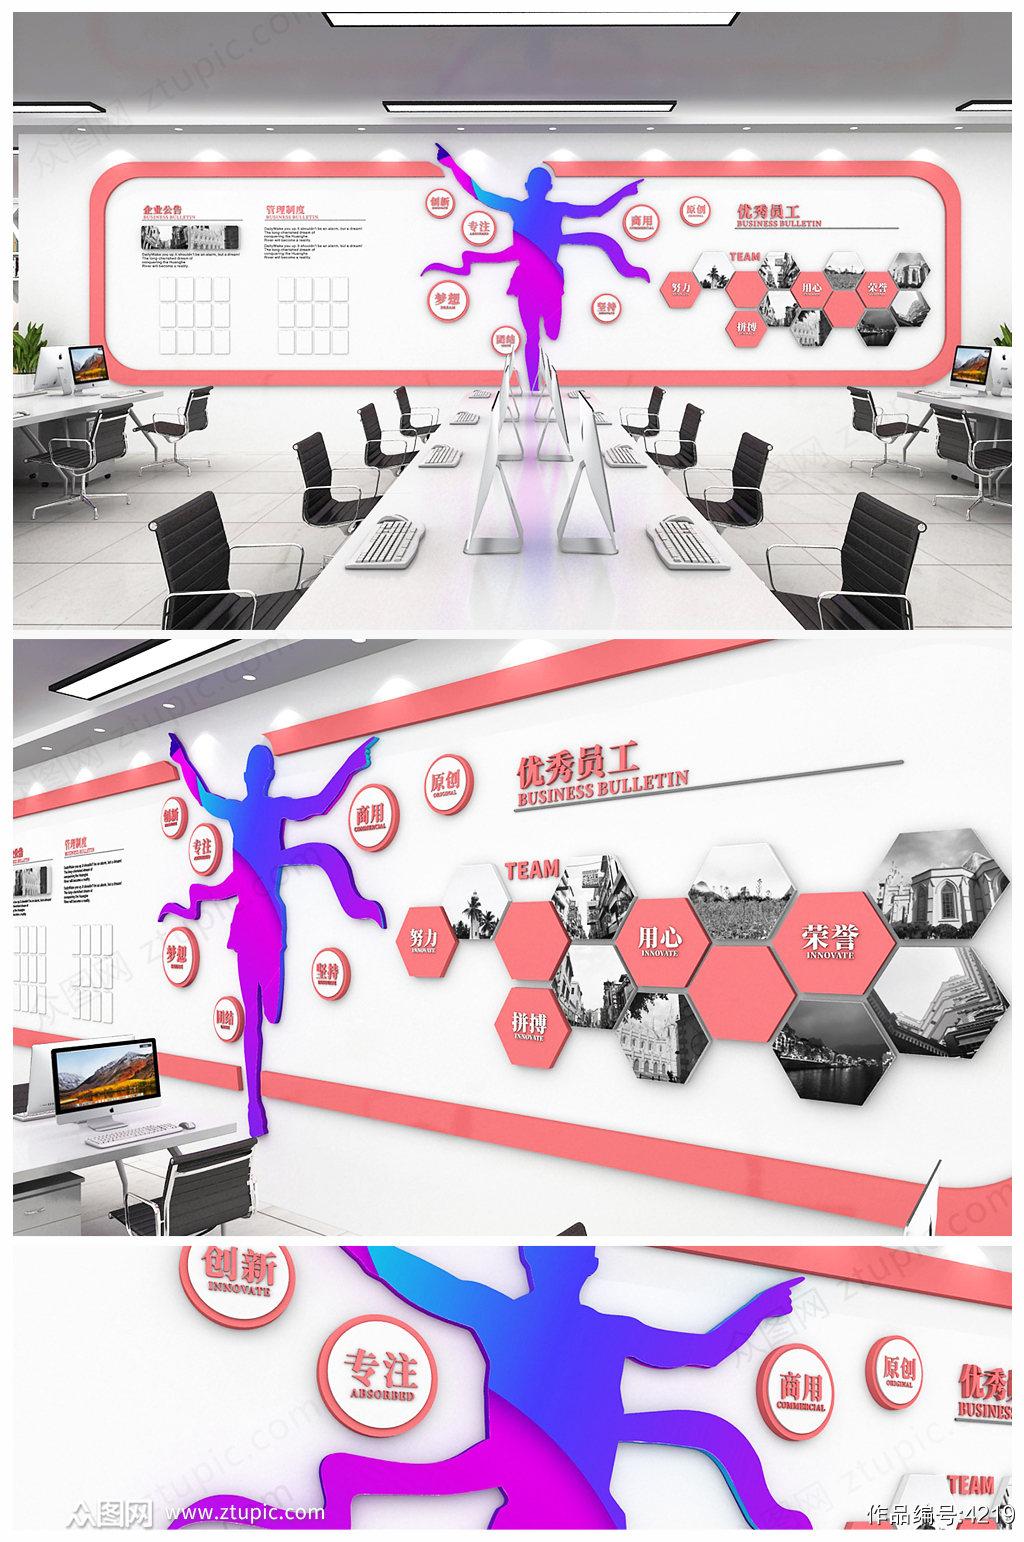 企业文化墙大气商务大型办公室工作室形象墙素材